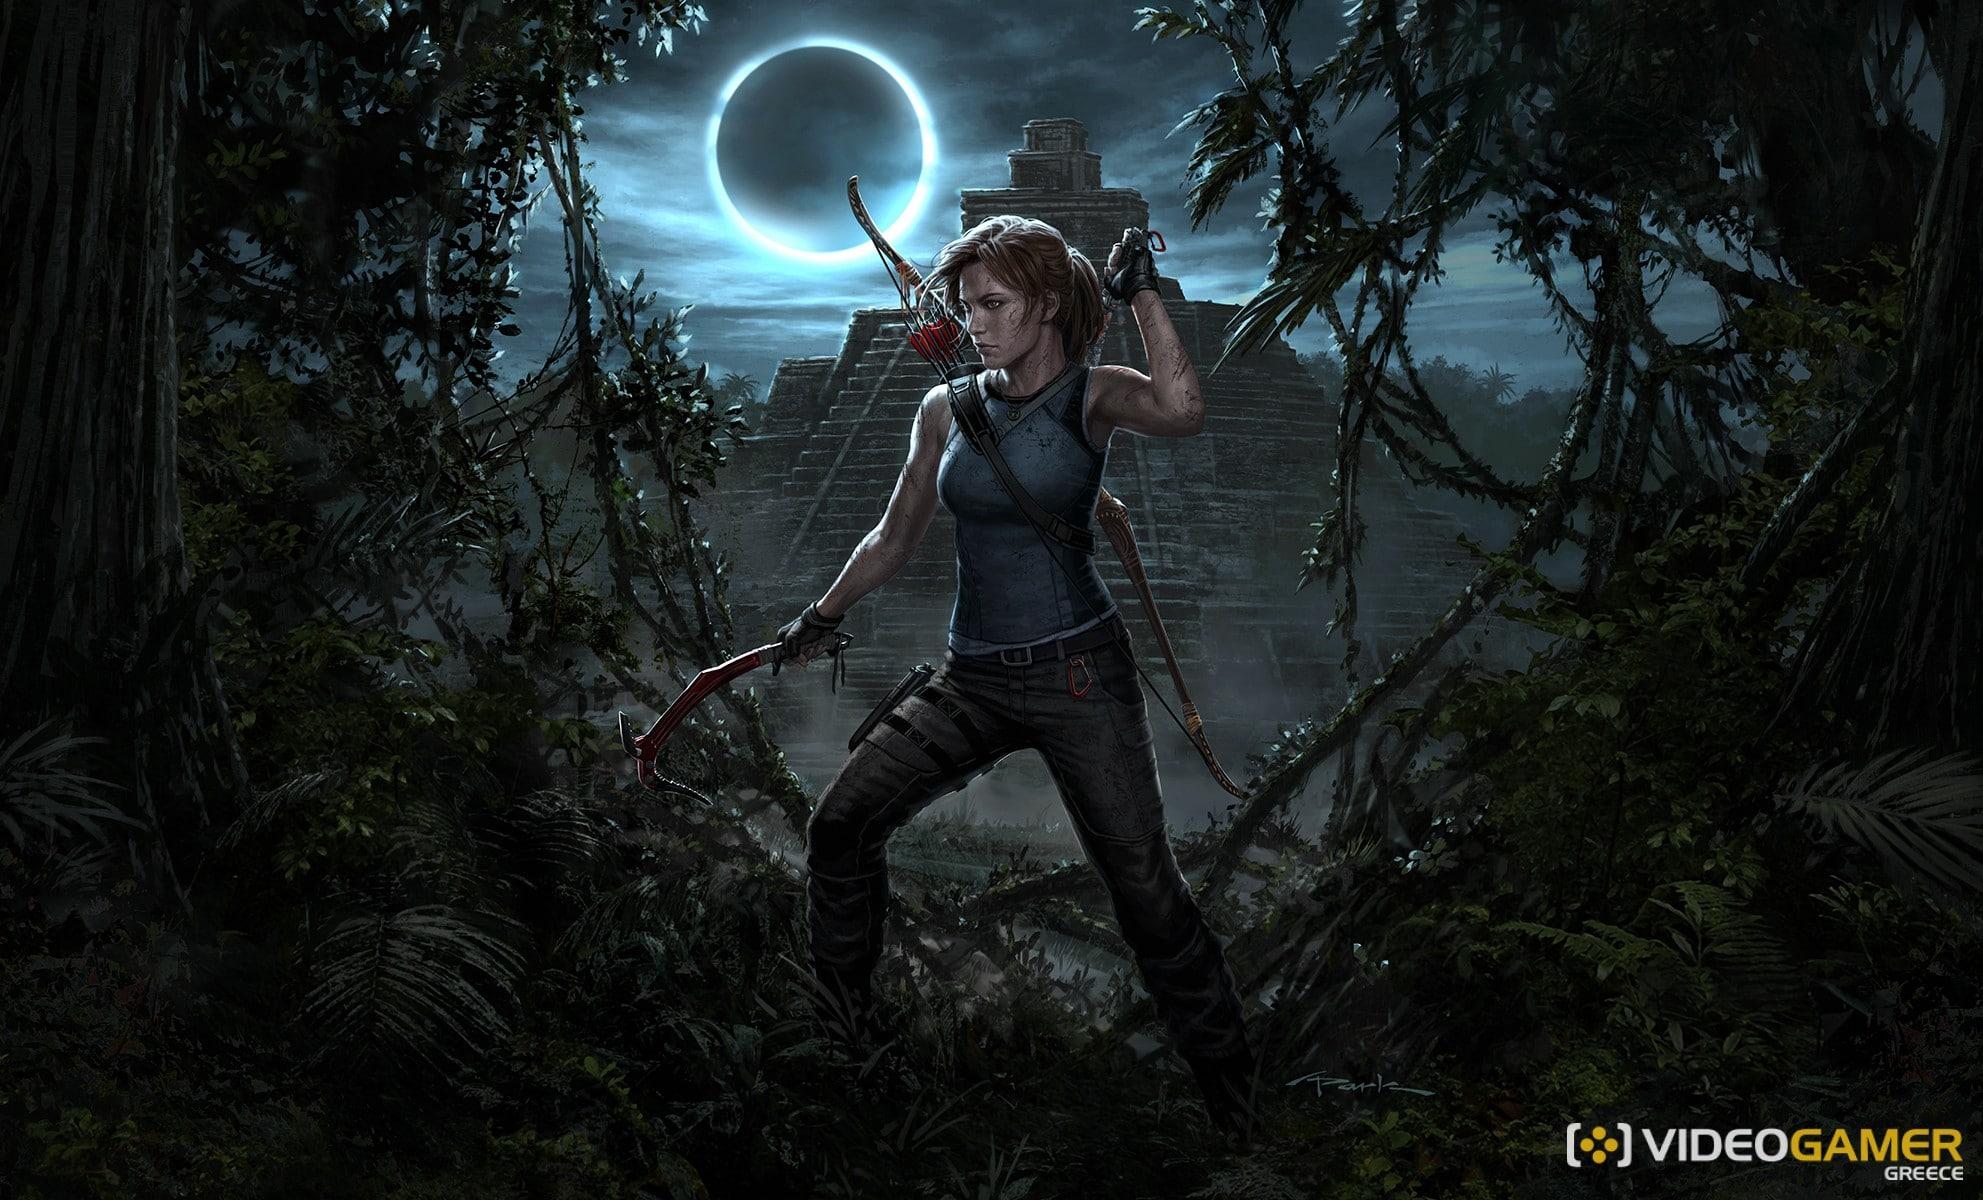 Ένας πανέμοροφος κόσμος στο τελευταίο Tomb Raider trailer